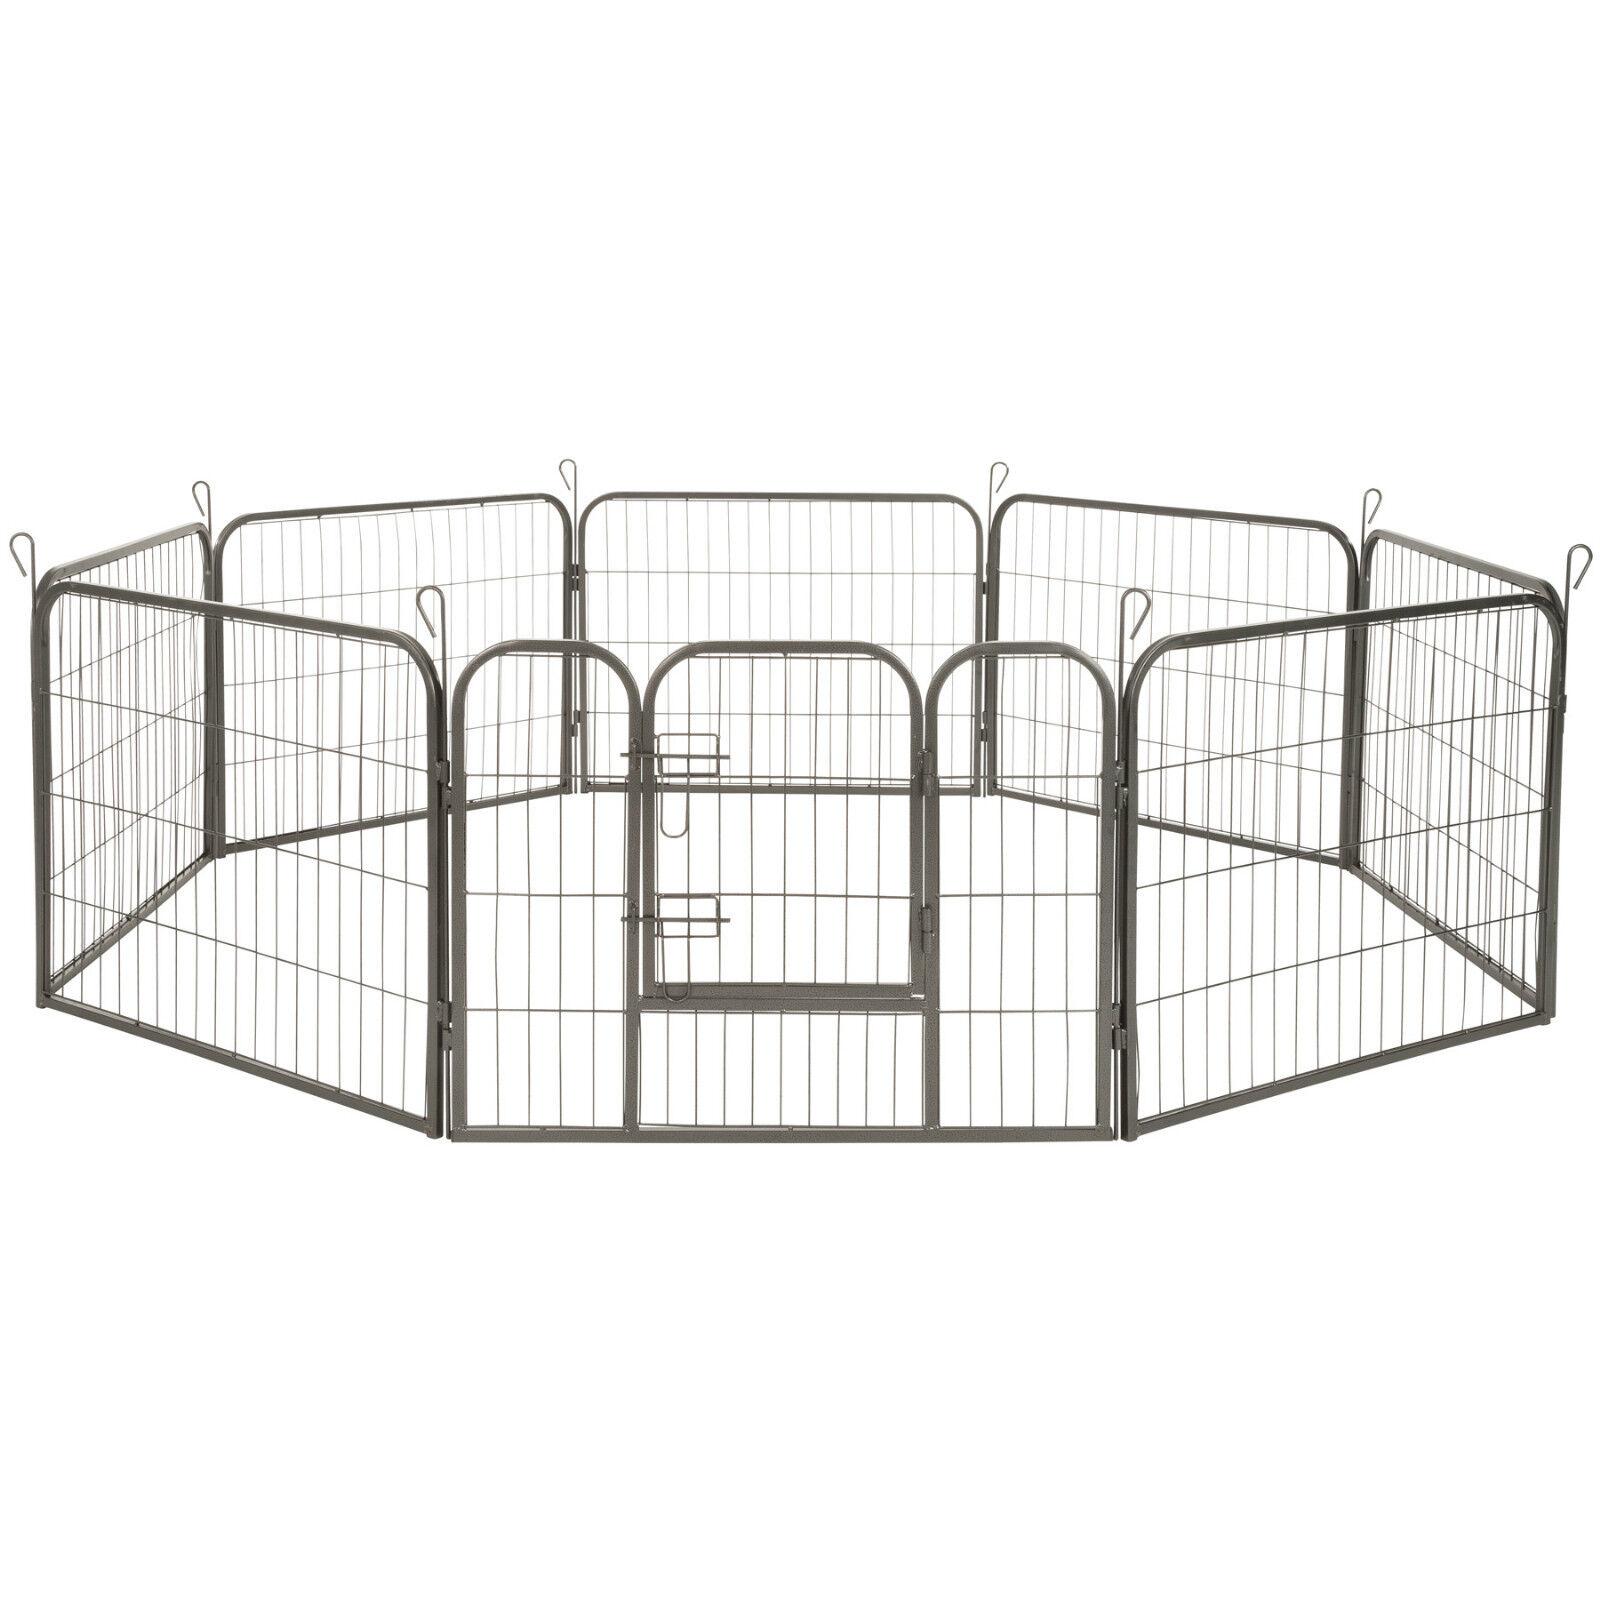 Parc enclos exterieur pour  ot grillage installation ouvert hauteur de 60 cm